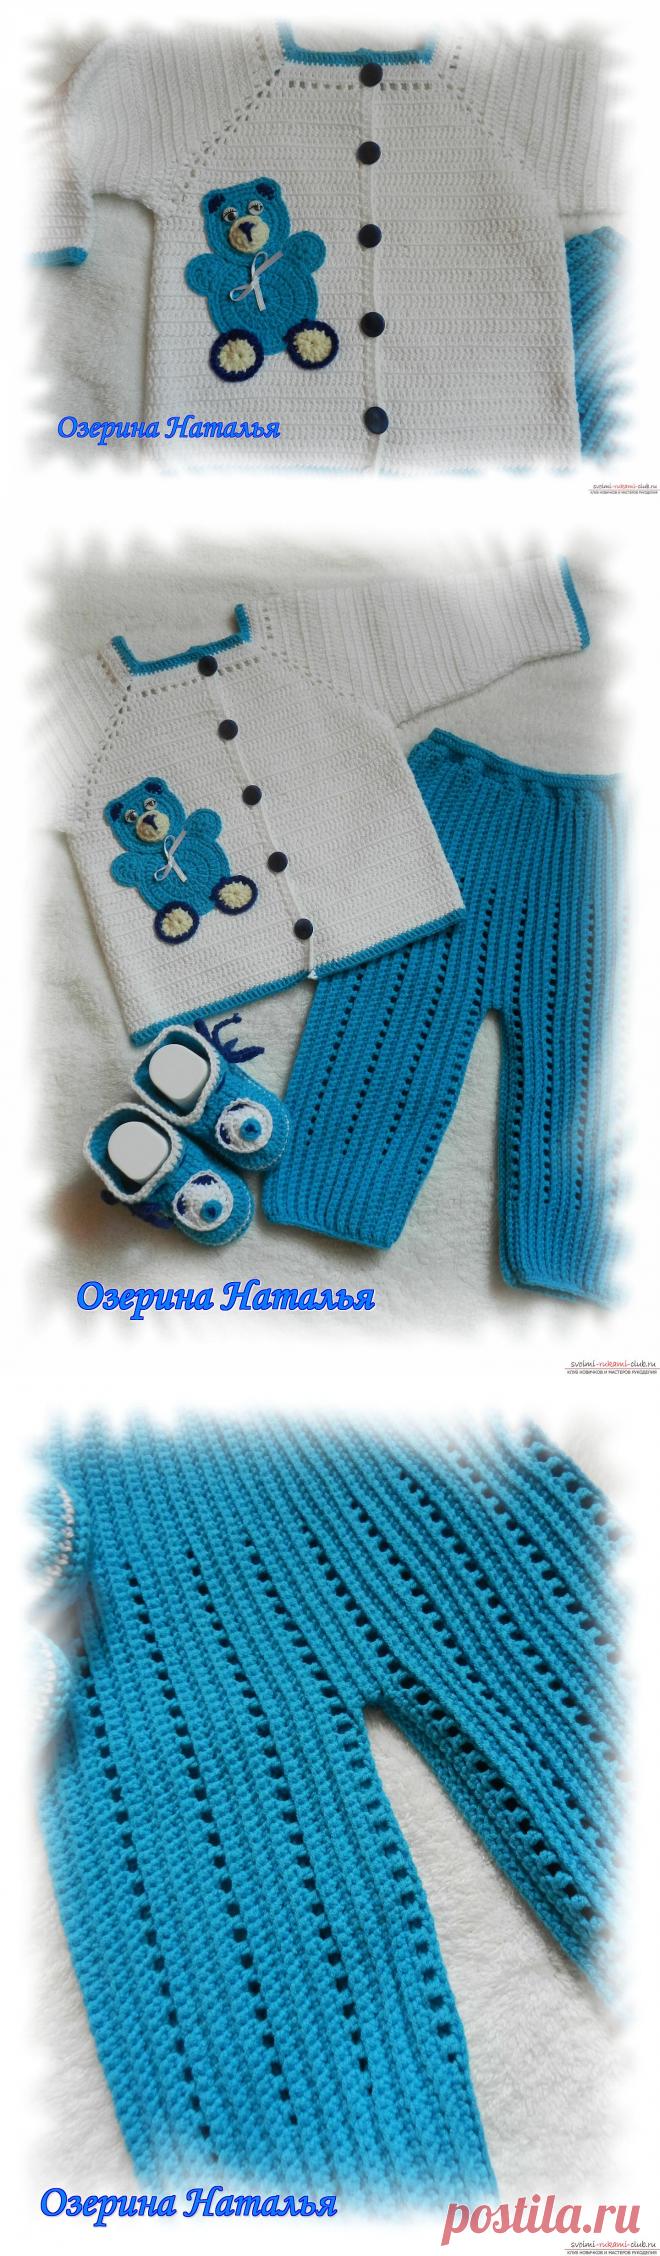 Мастер-класс изготовления своими руками детского комплекта одежды – костюмчика вязаного крючком